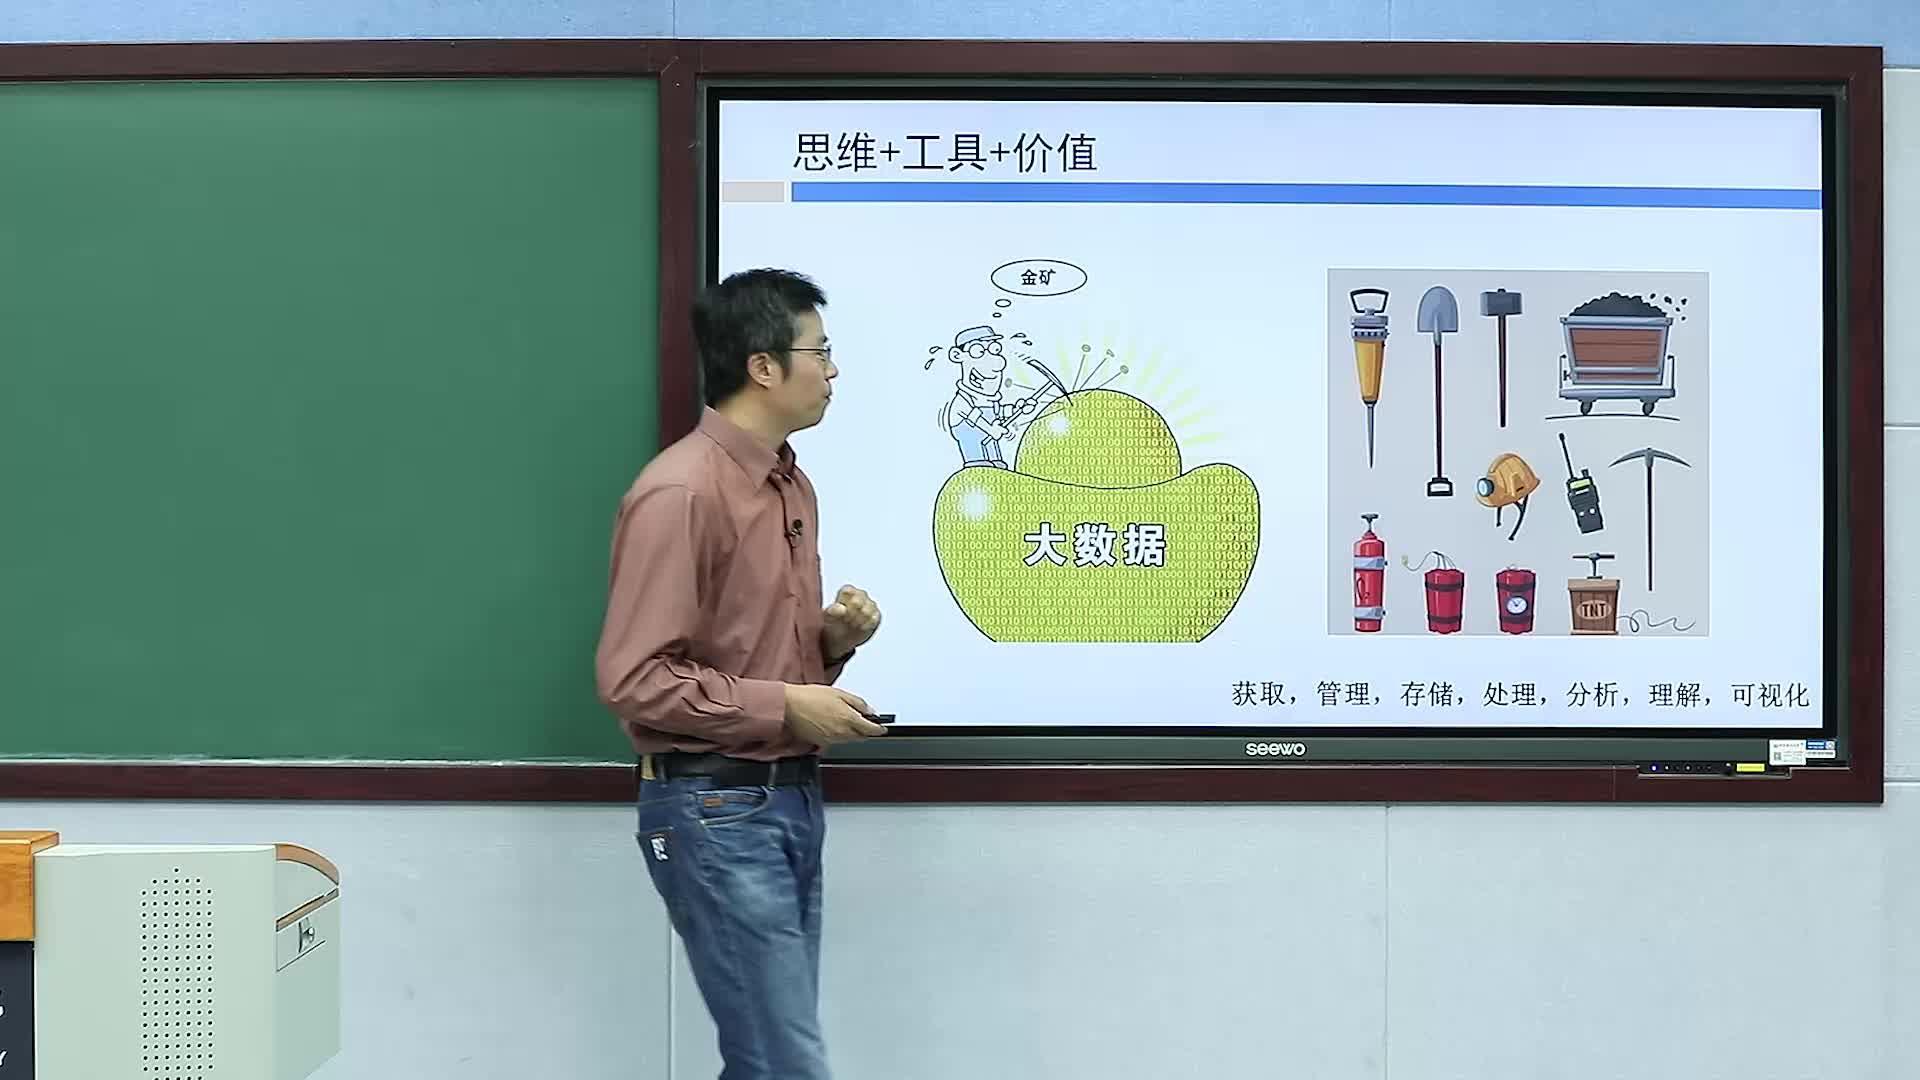 北京理工大学慕课——金福生: 大数据思维